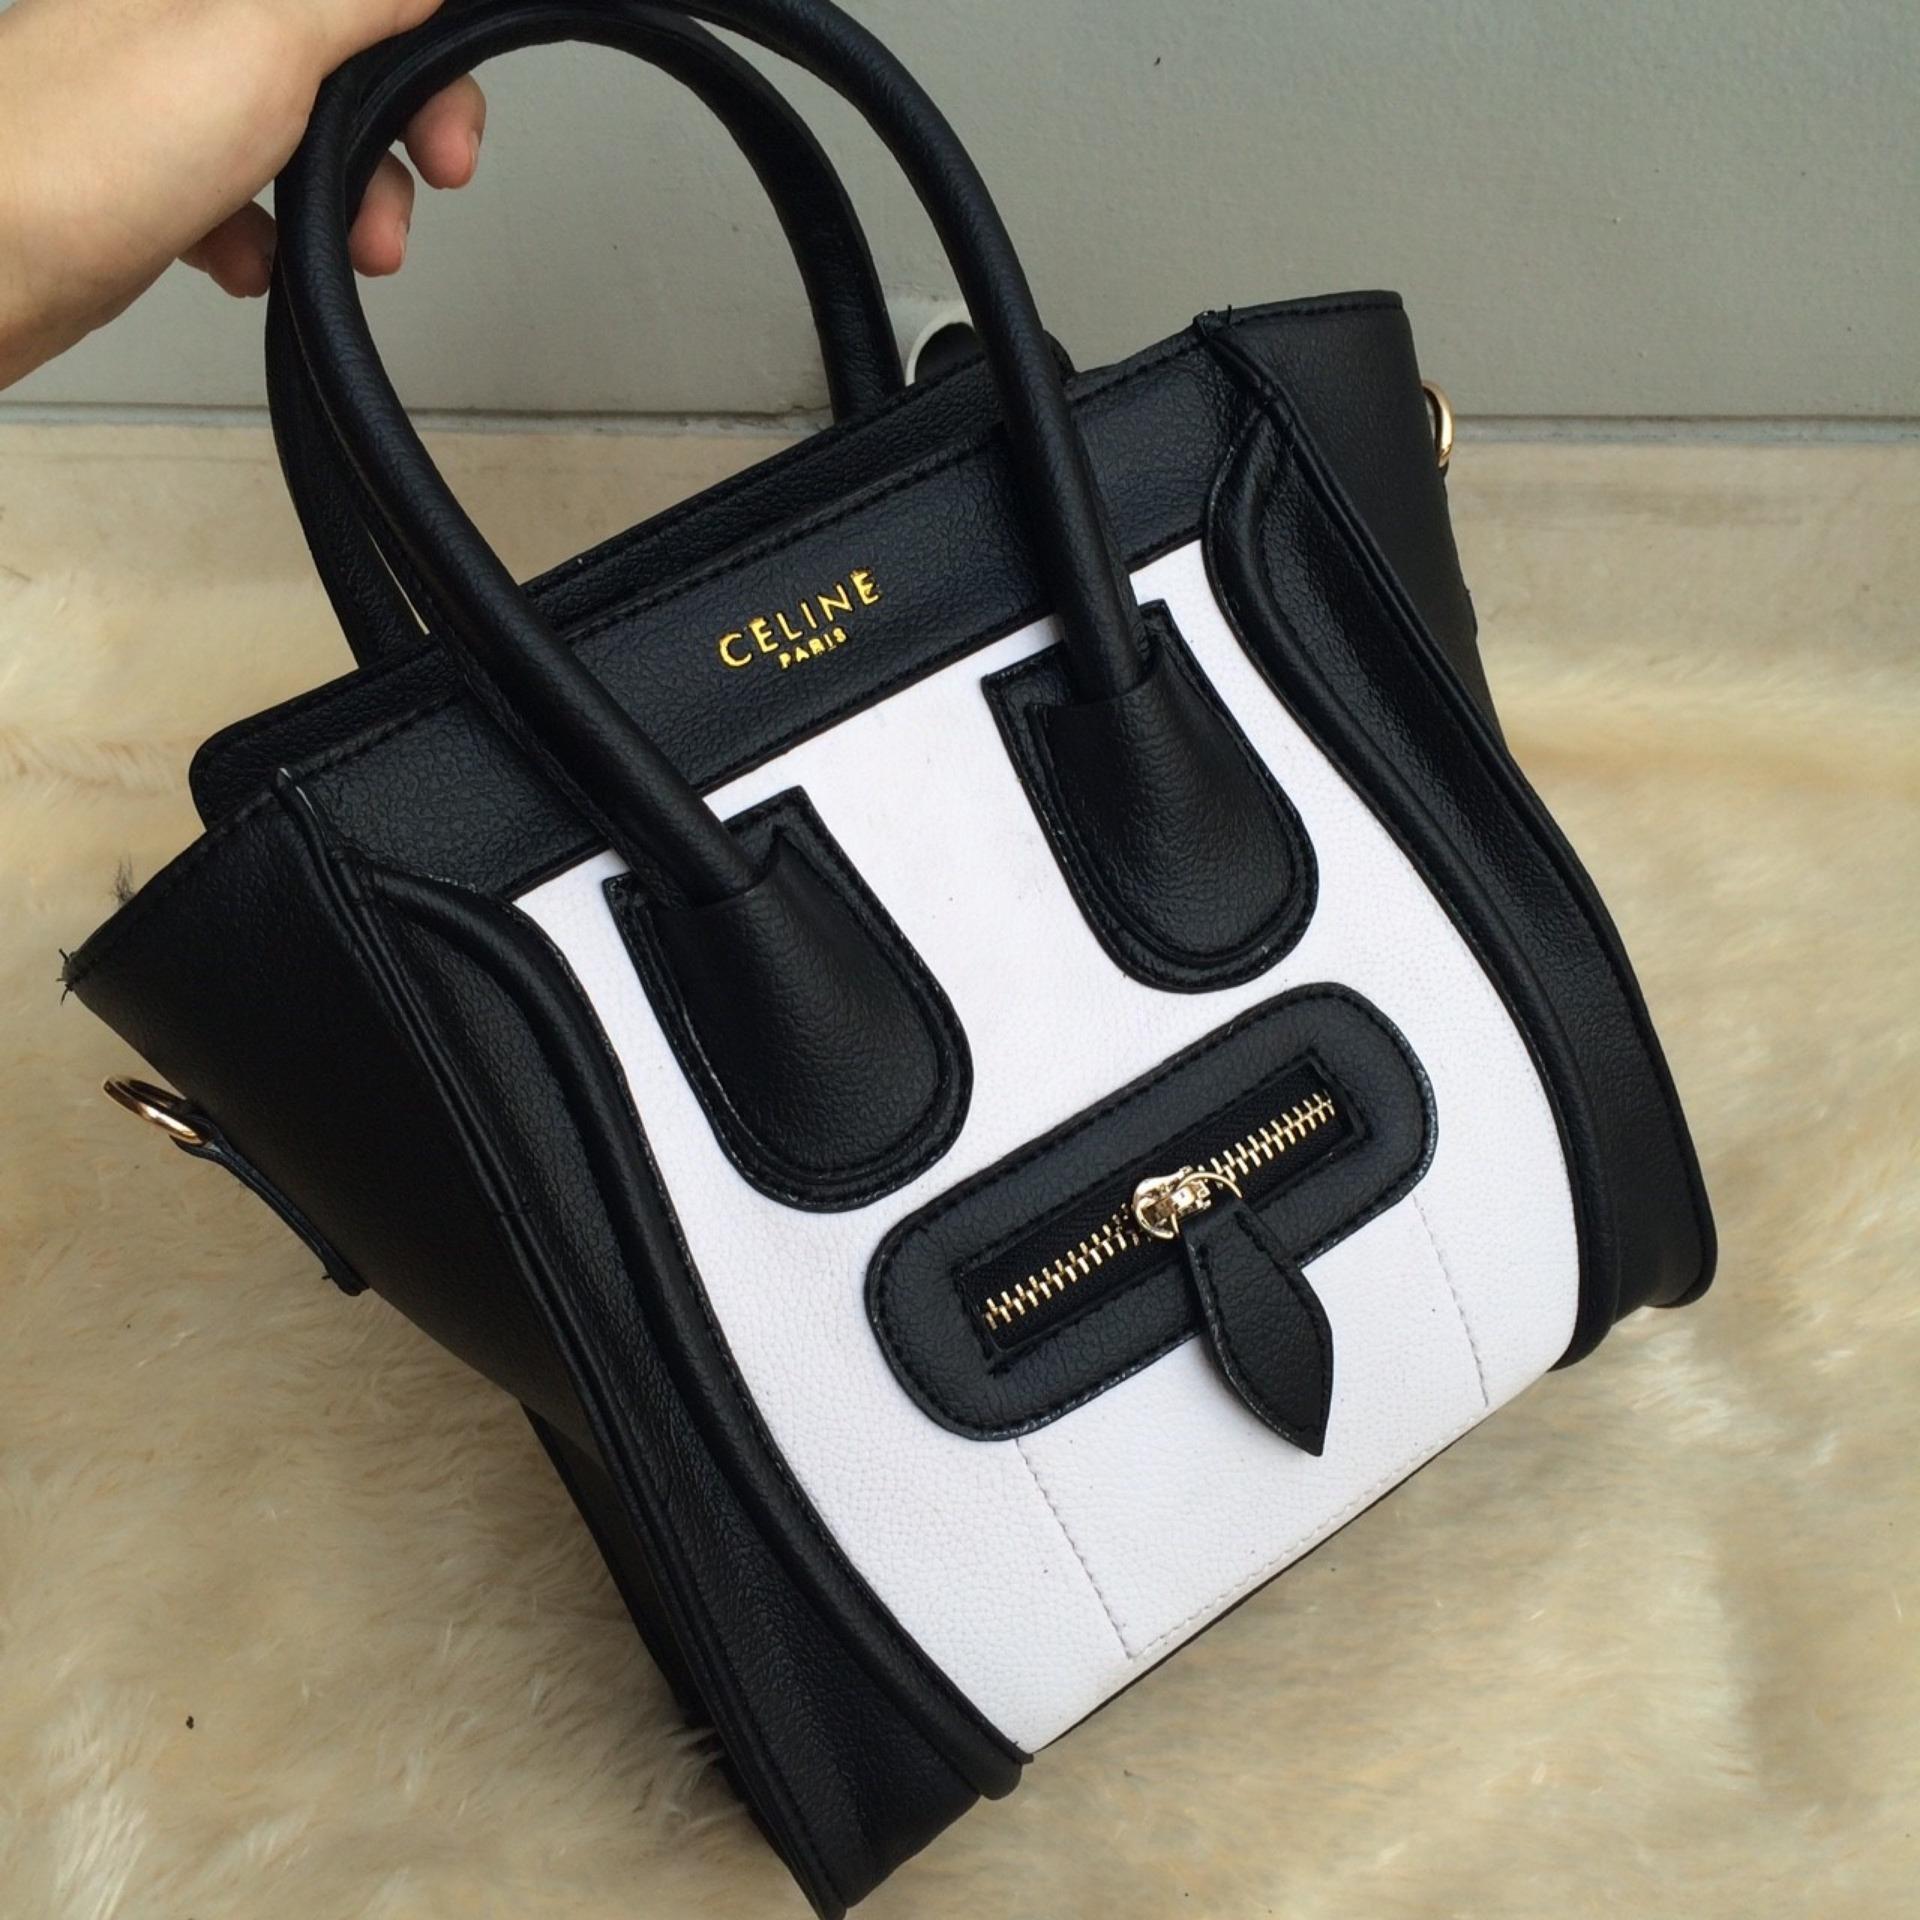 Tas Selempang Wanita Import Mini Bag 21405 Brown Murah Daftar Cantik 33363 Black Rp189700 1